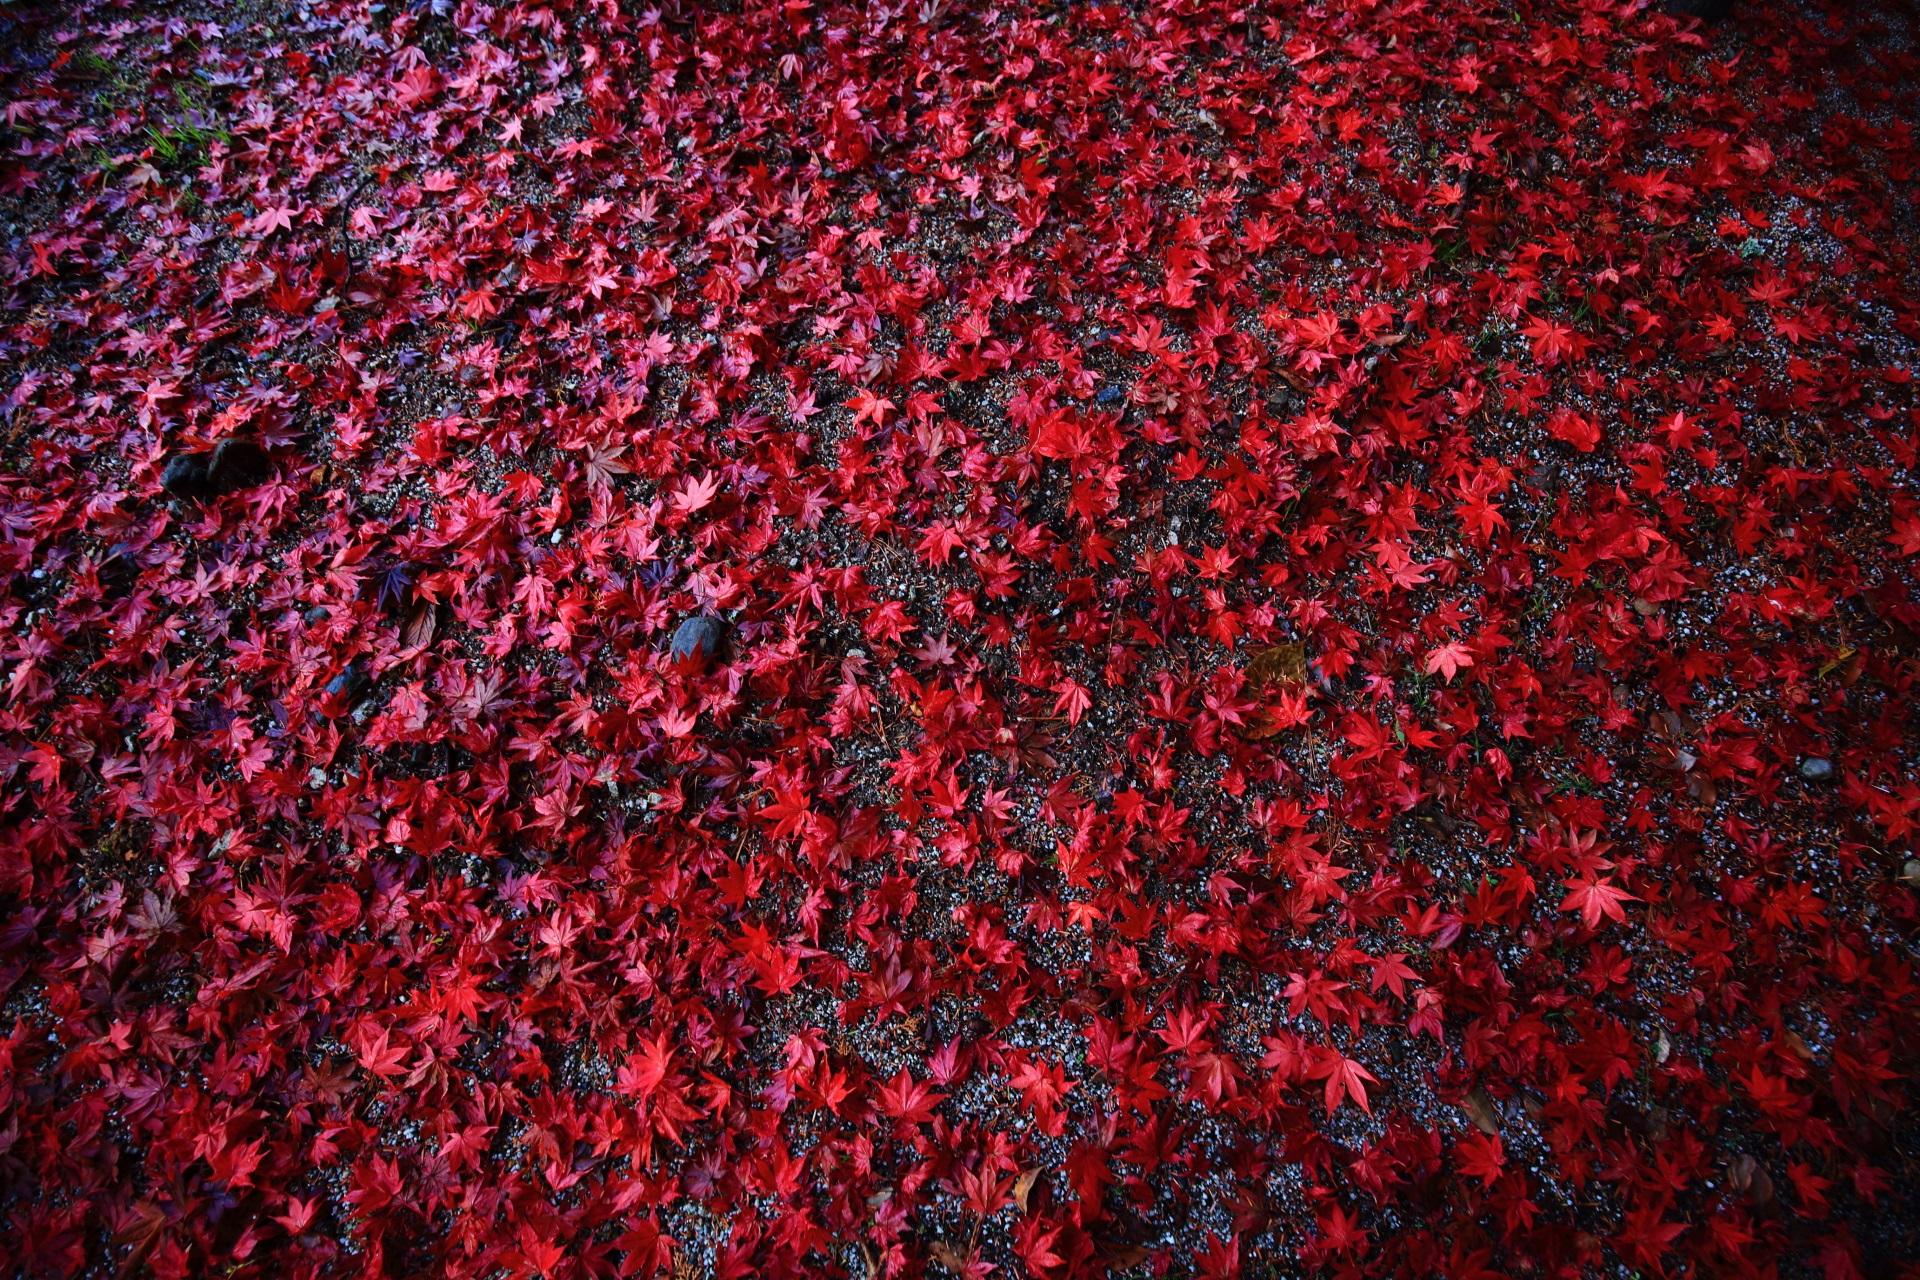 上賀茂神社の鮮烈な真っ赤な散りもみじ